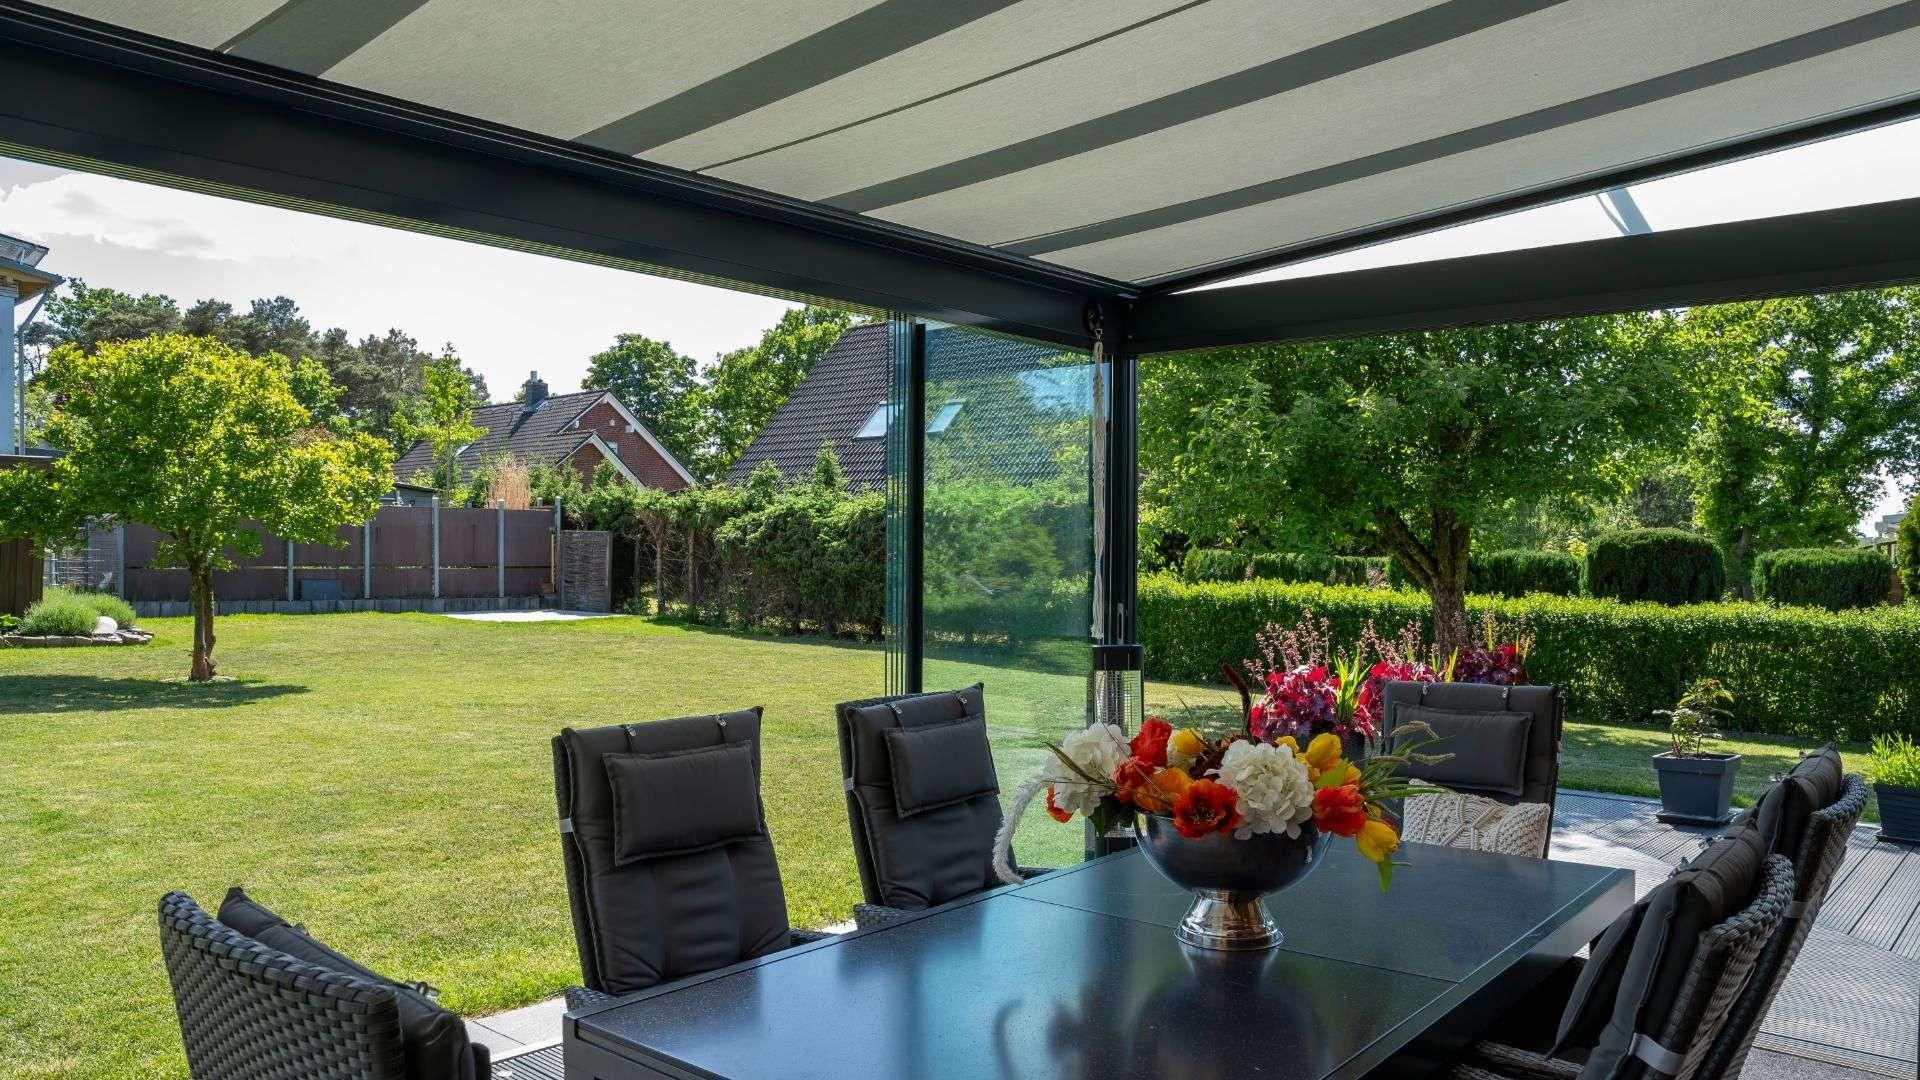 Innenansicht eines Glashauses mit Unterglasmarkise mit Blick in den Garten